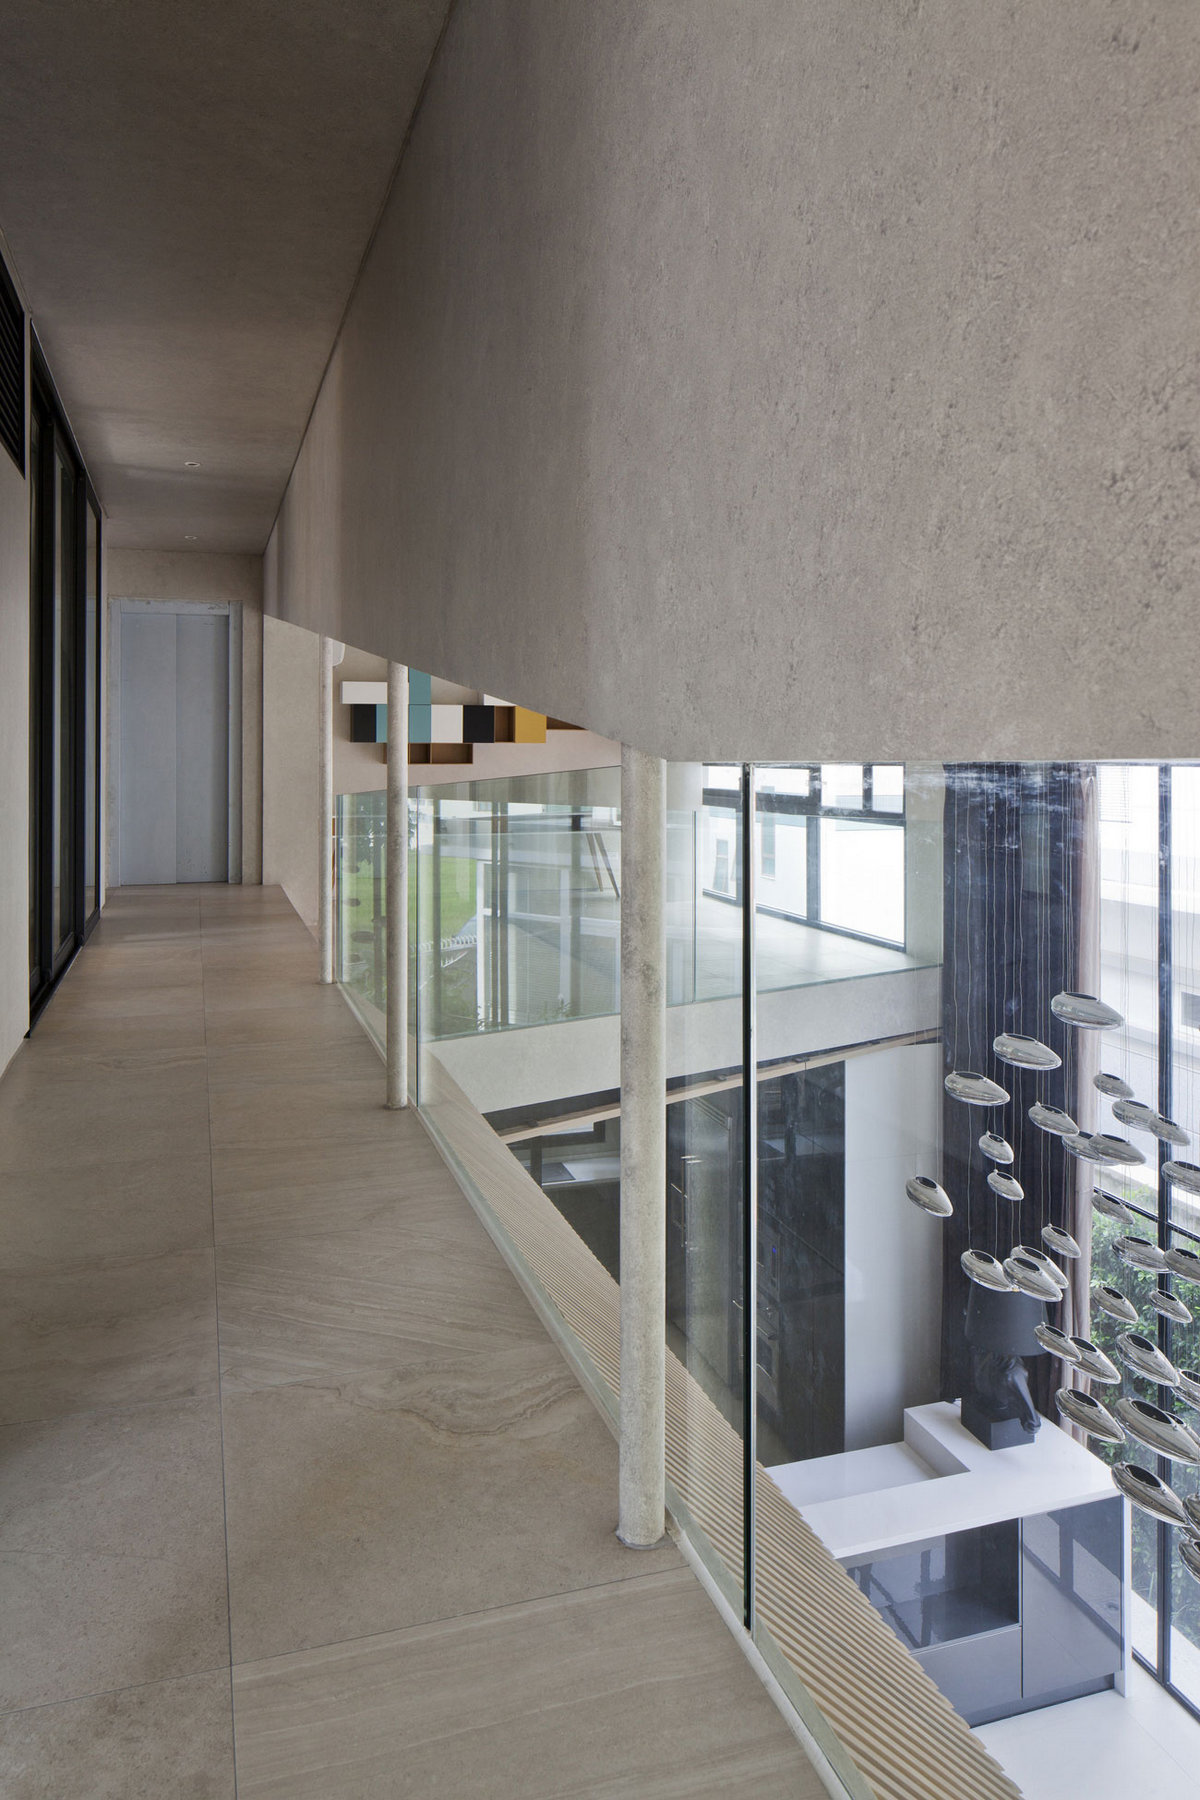 Nha Dan Architect, дома во Вьетнаме, особняки Вьетнам, бассейн на крыше дома, бассейн в частном доме фото, элитная недвижимость Вьетнам